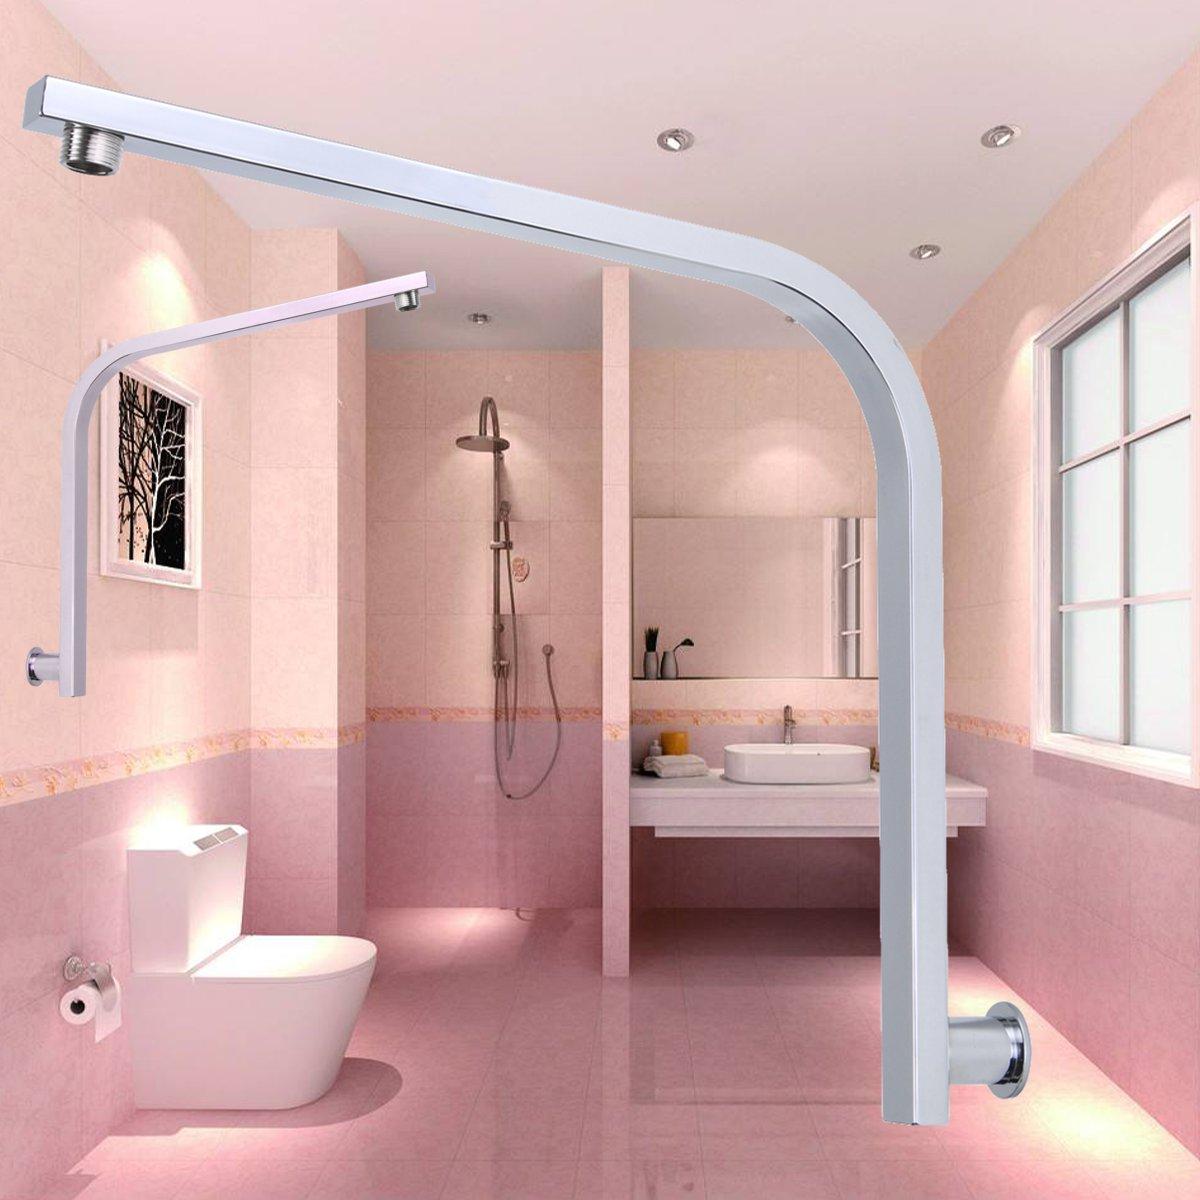 achetez en gros col de cygne douche t te en ligne des grossistes col de cygne douche t te. Black Bedroom Furniture Sets. Home Design Ideas